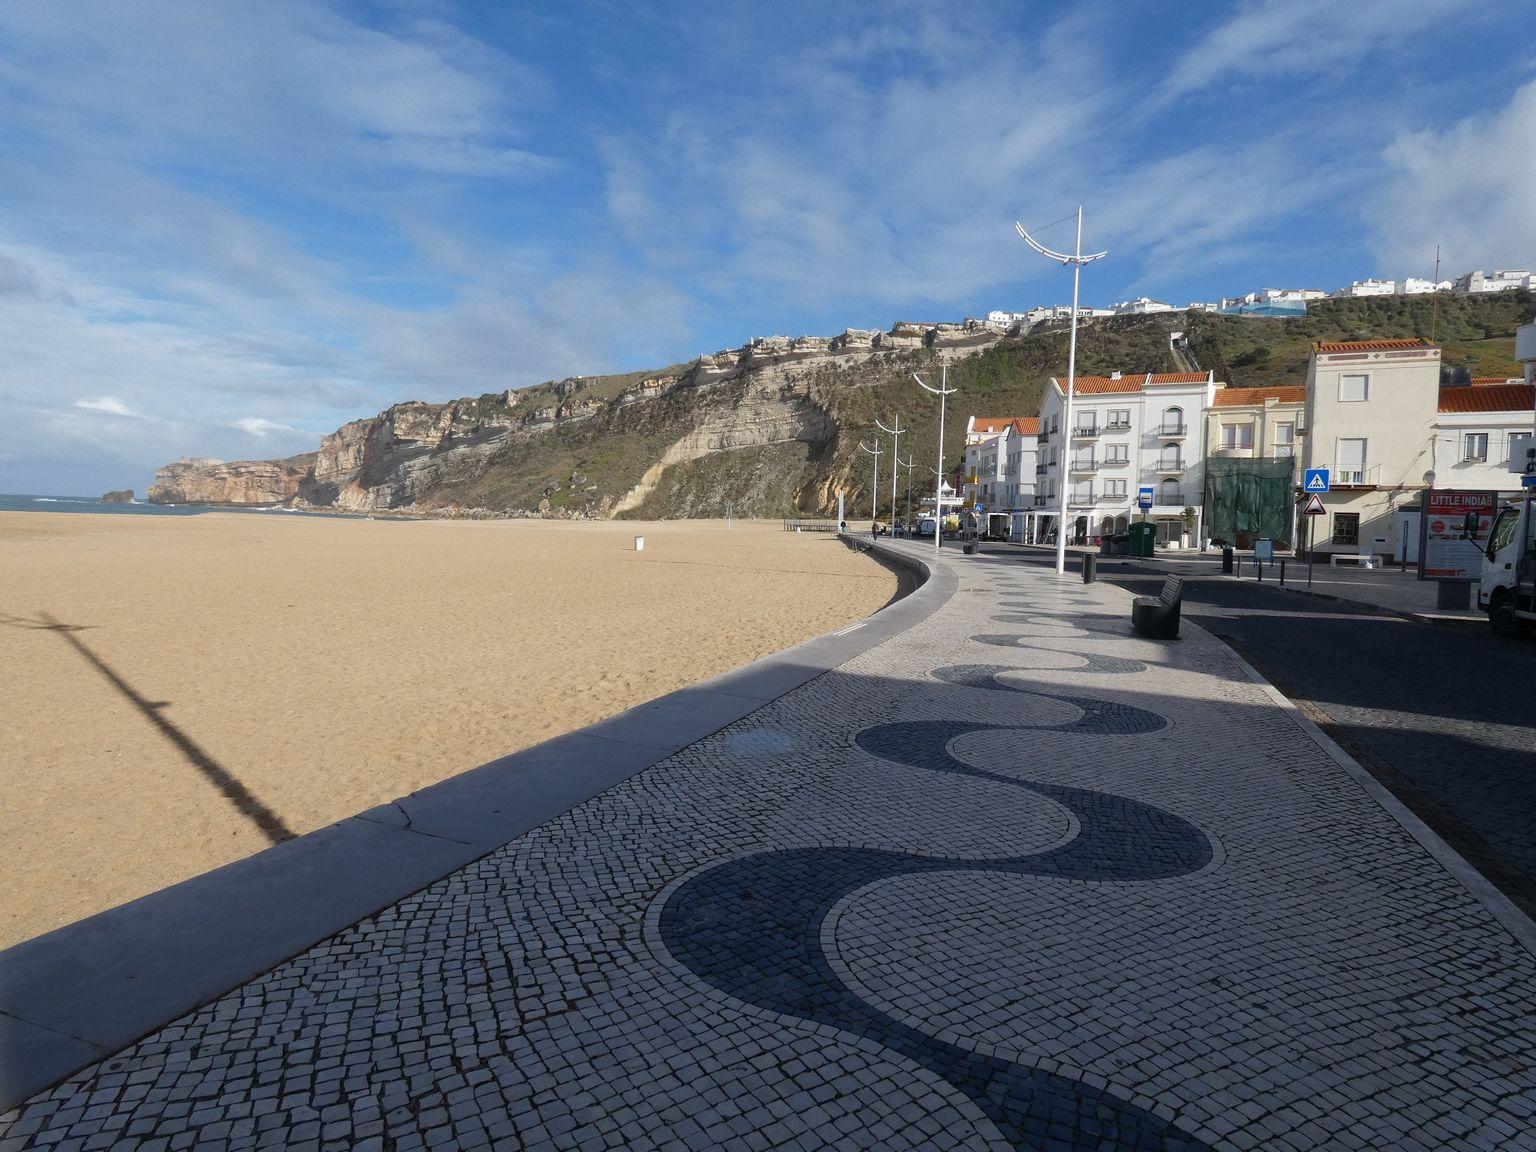 La balade le long de la plage et la vue sur la falaise